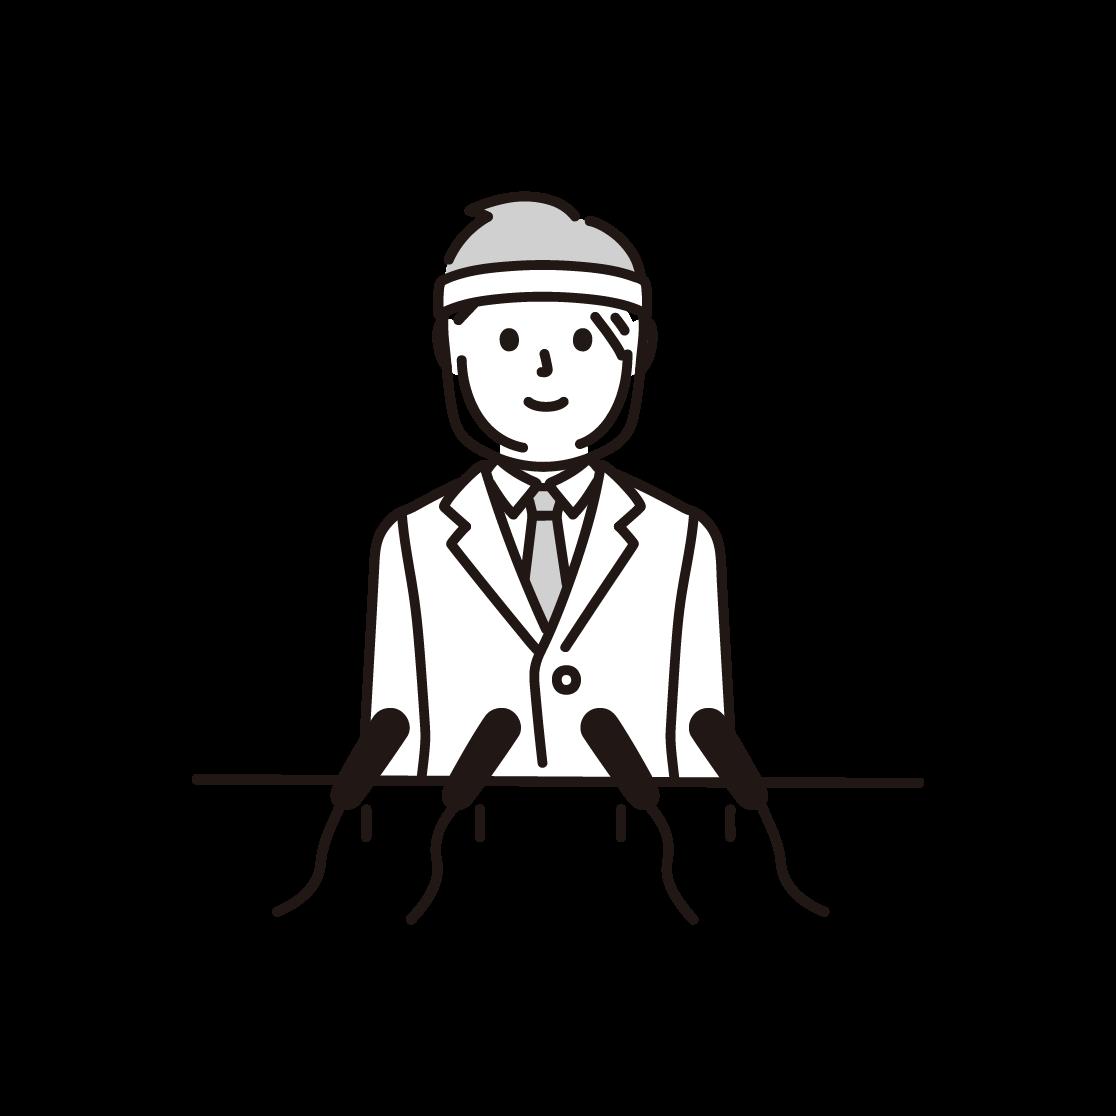 フェイスシールドをつけて会見する人の単色イラスト